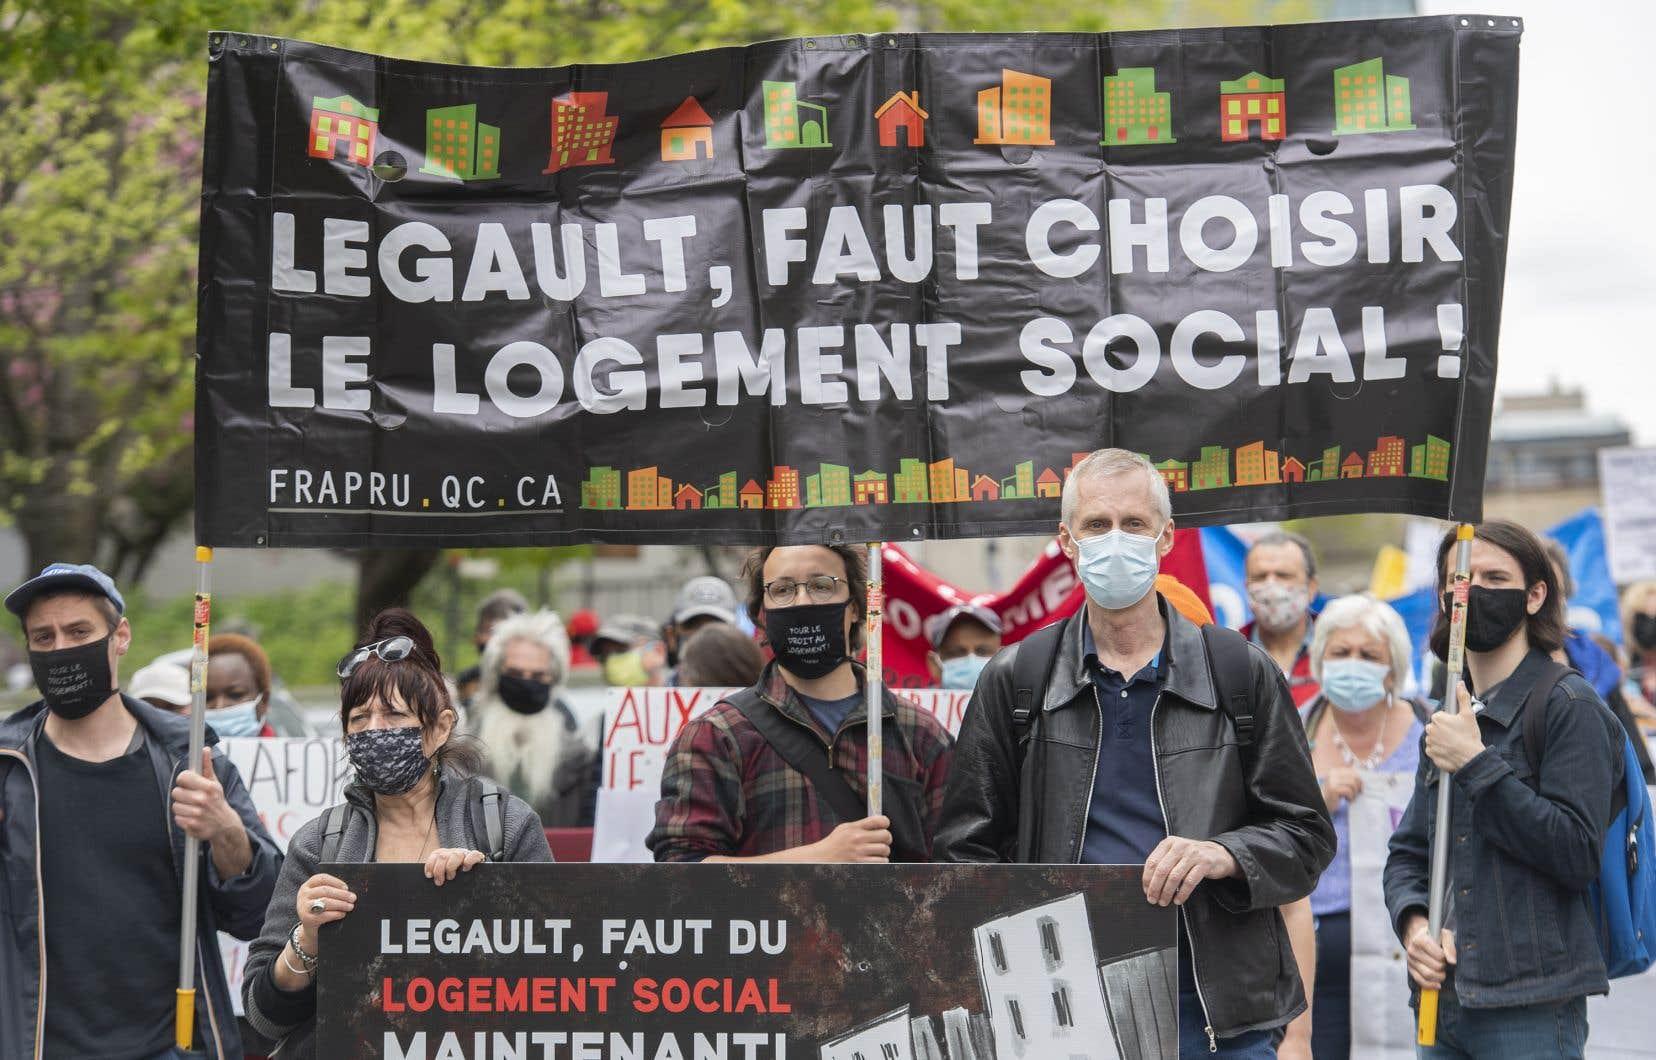 Le premier ministre François Legault et la ministre de l'Habitation, Andrée Laforest, ont refusé dans les derniers jours de parler de crise du logement, même si le chef caquiste reconnaît le manque d'habitations abordables.